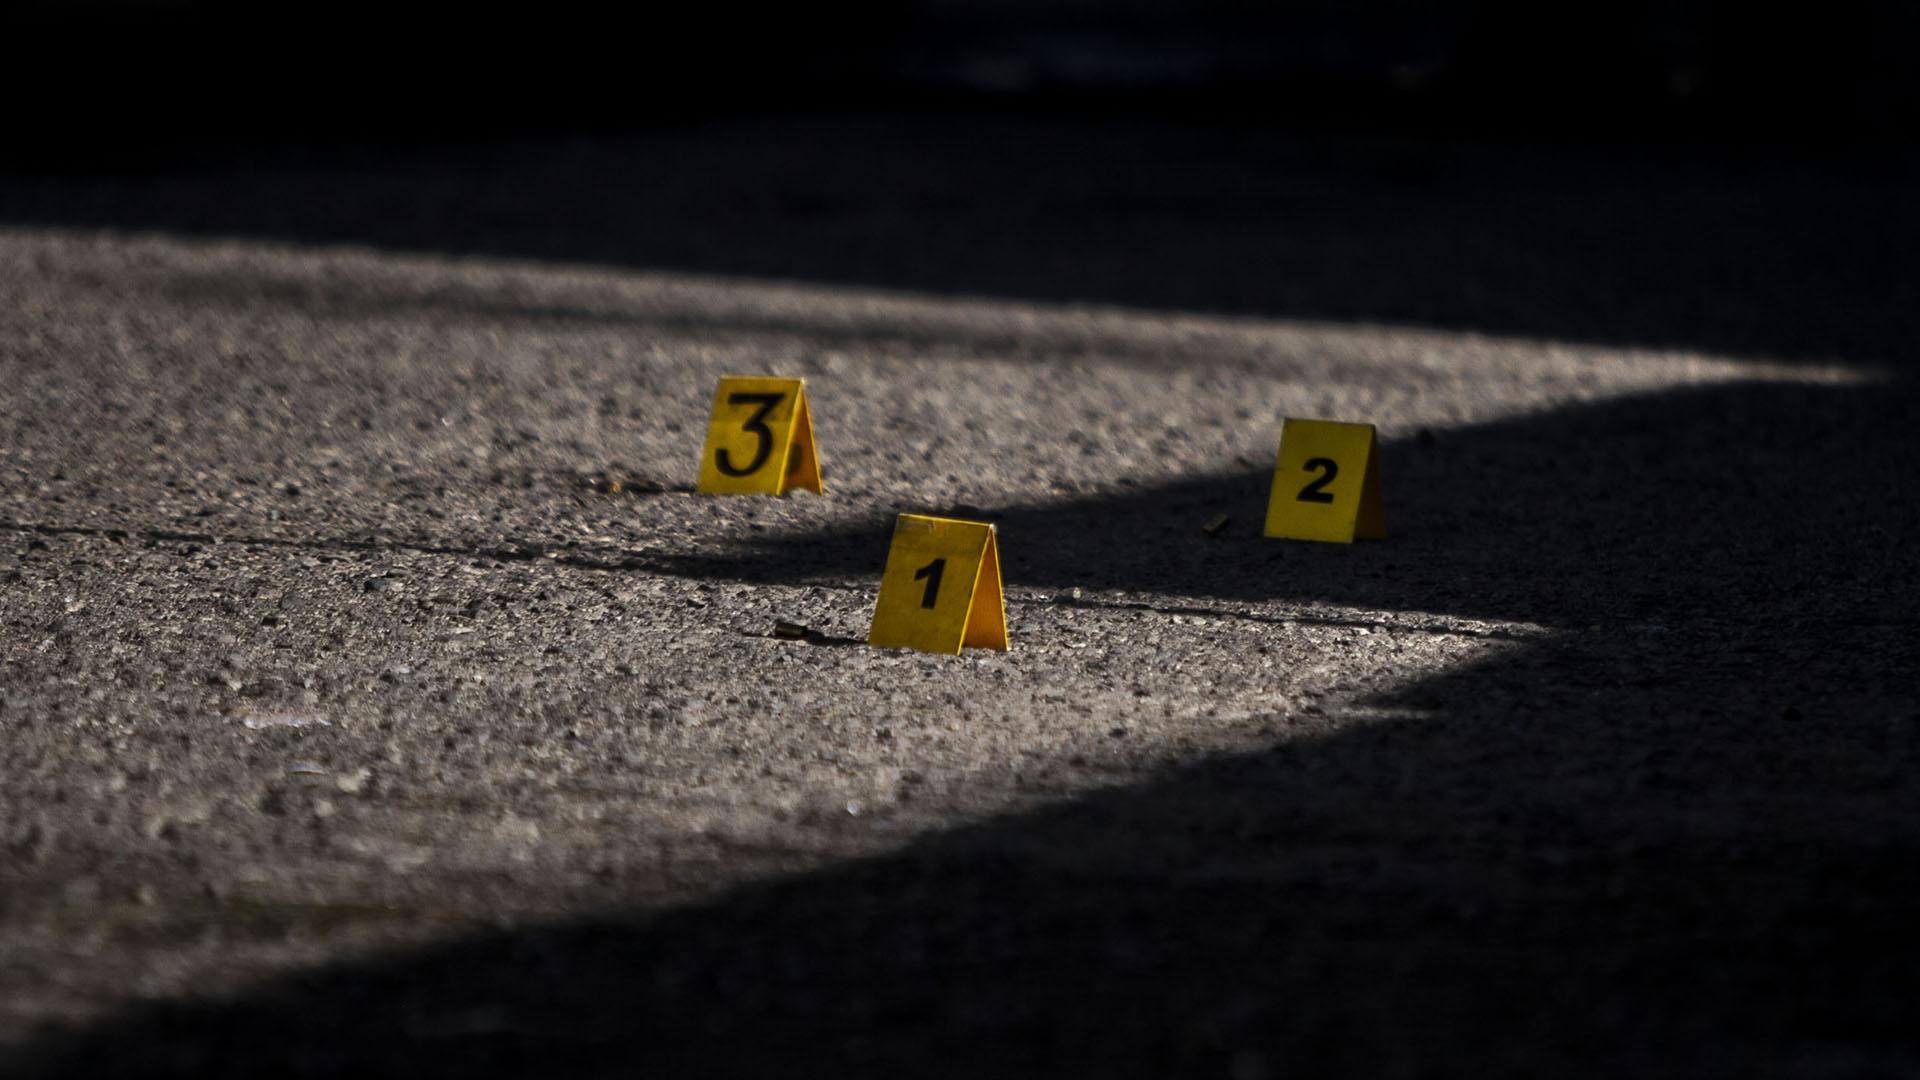 Se dispara homicidio doloso en Cajeme en enero-mayo: Durazo